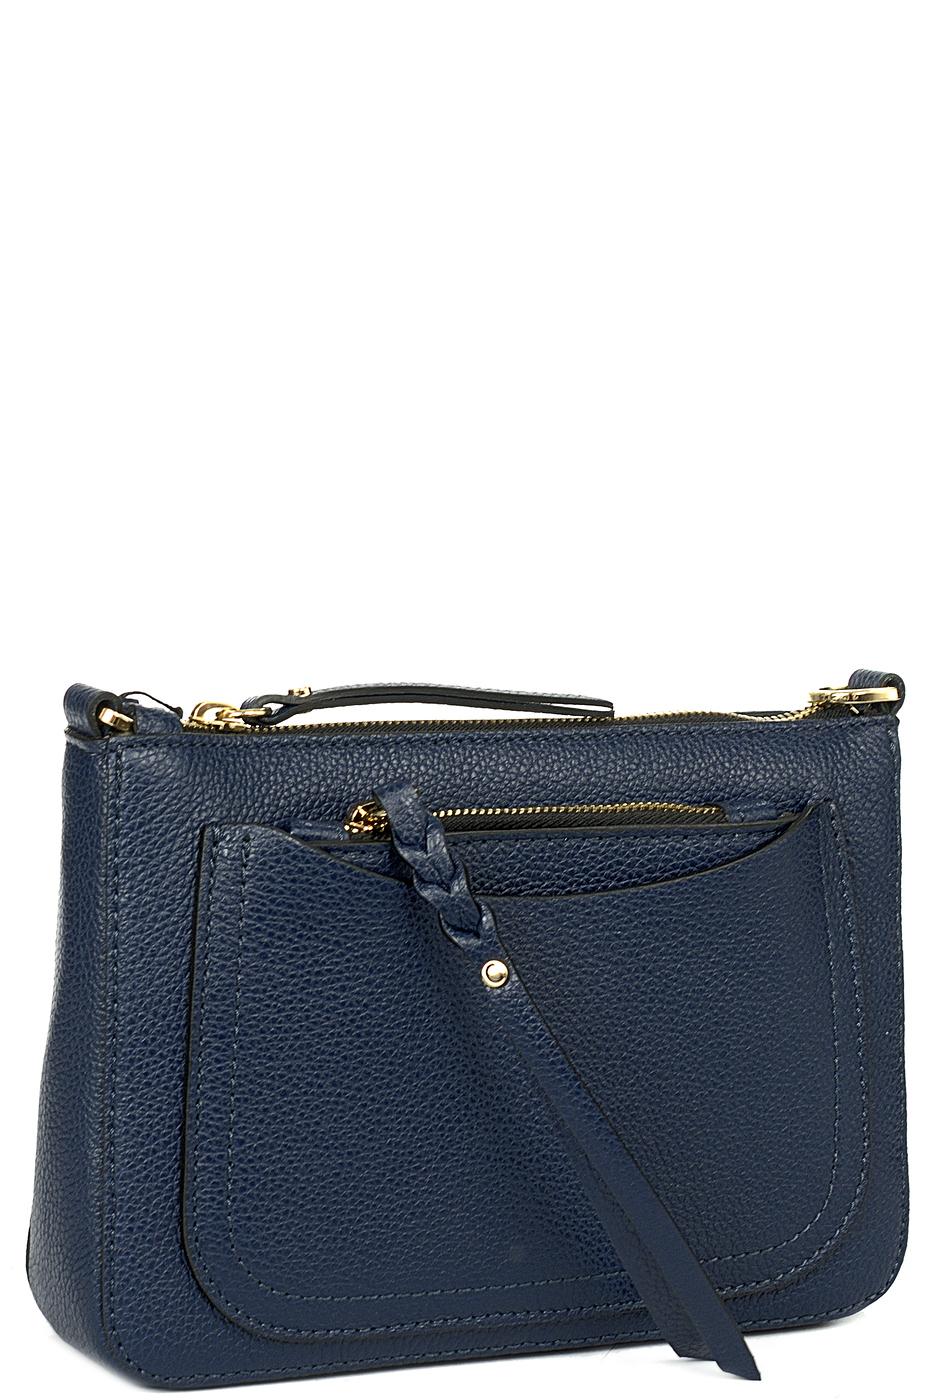 Сумка-клатч женская Gianni Chiarini BS6363 синяя